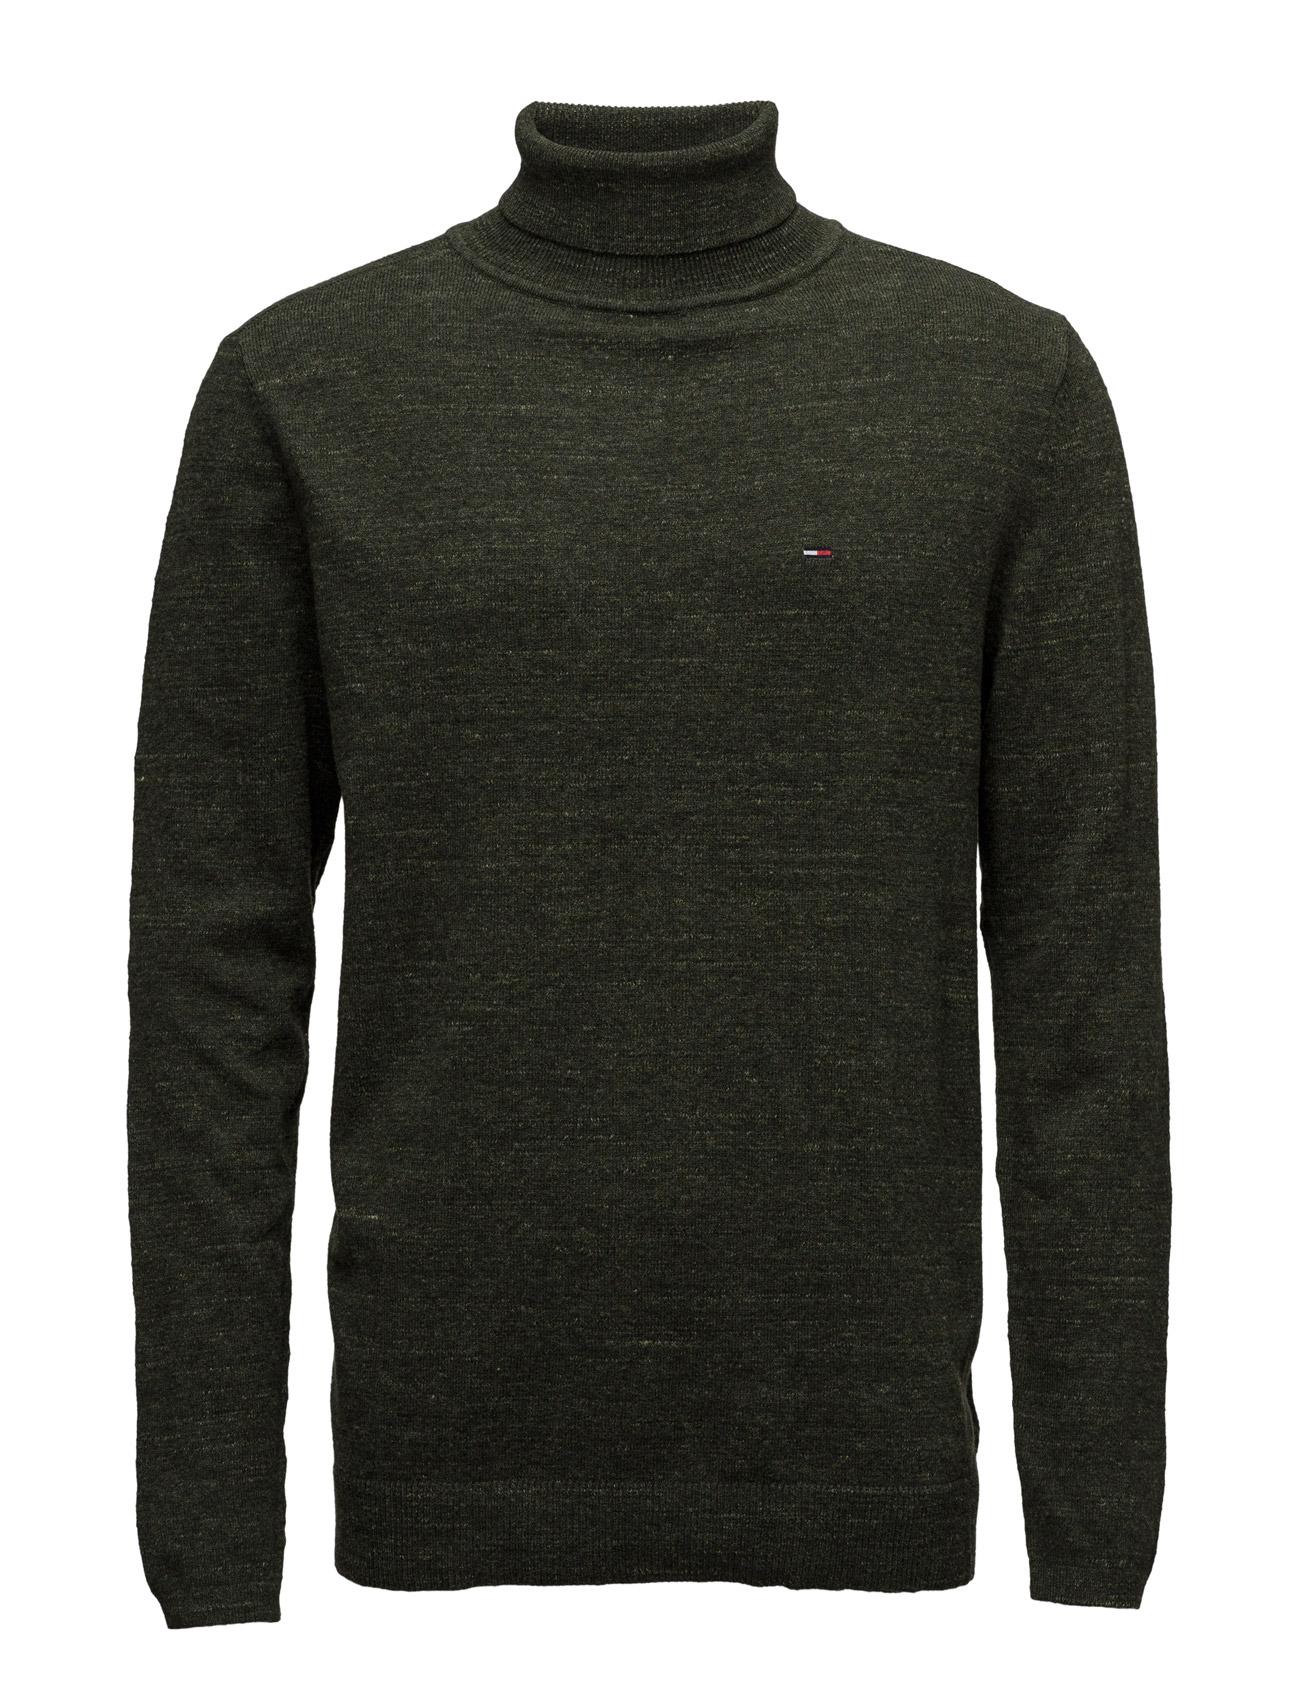 Thdm Basic Rn Sweater L/S 11 Hilfiger Denim Striktøj til Mænd i Grøn